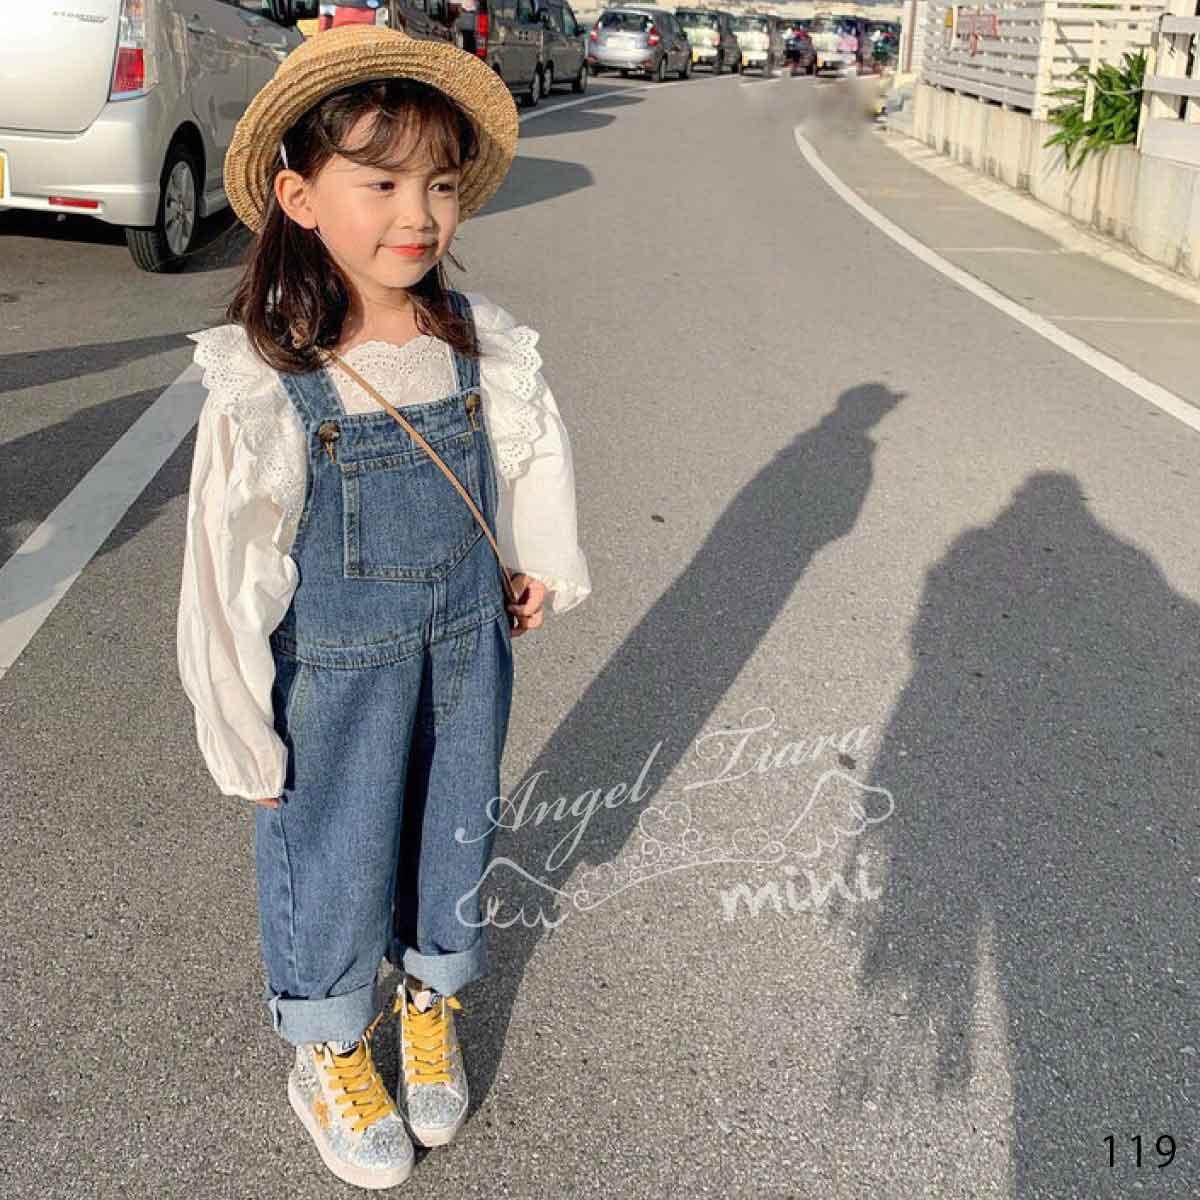 子供服 キッズ 女の子 トップス ブラウス 長袖 ホワイト ボリューム袖 ゆったりシルエット KG119